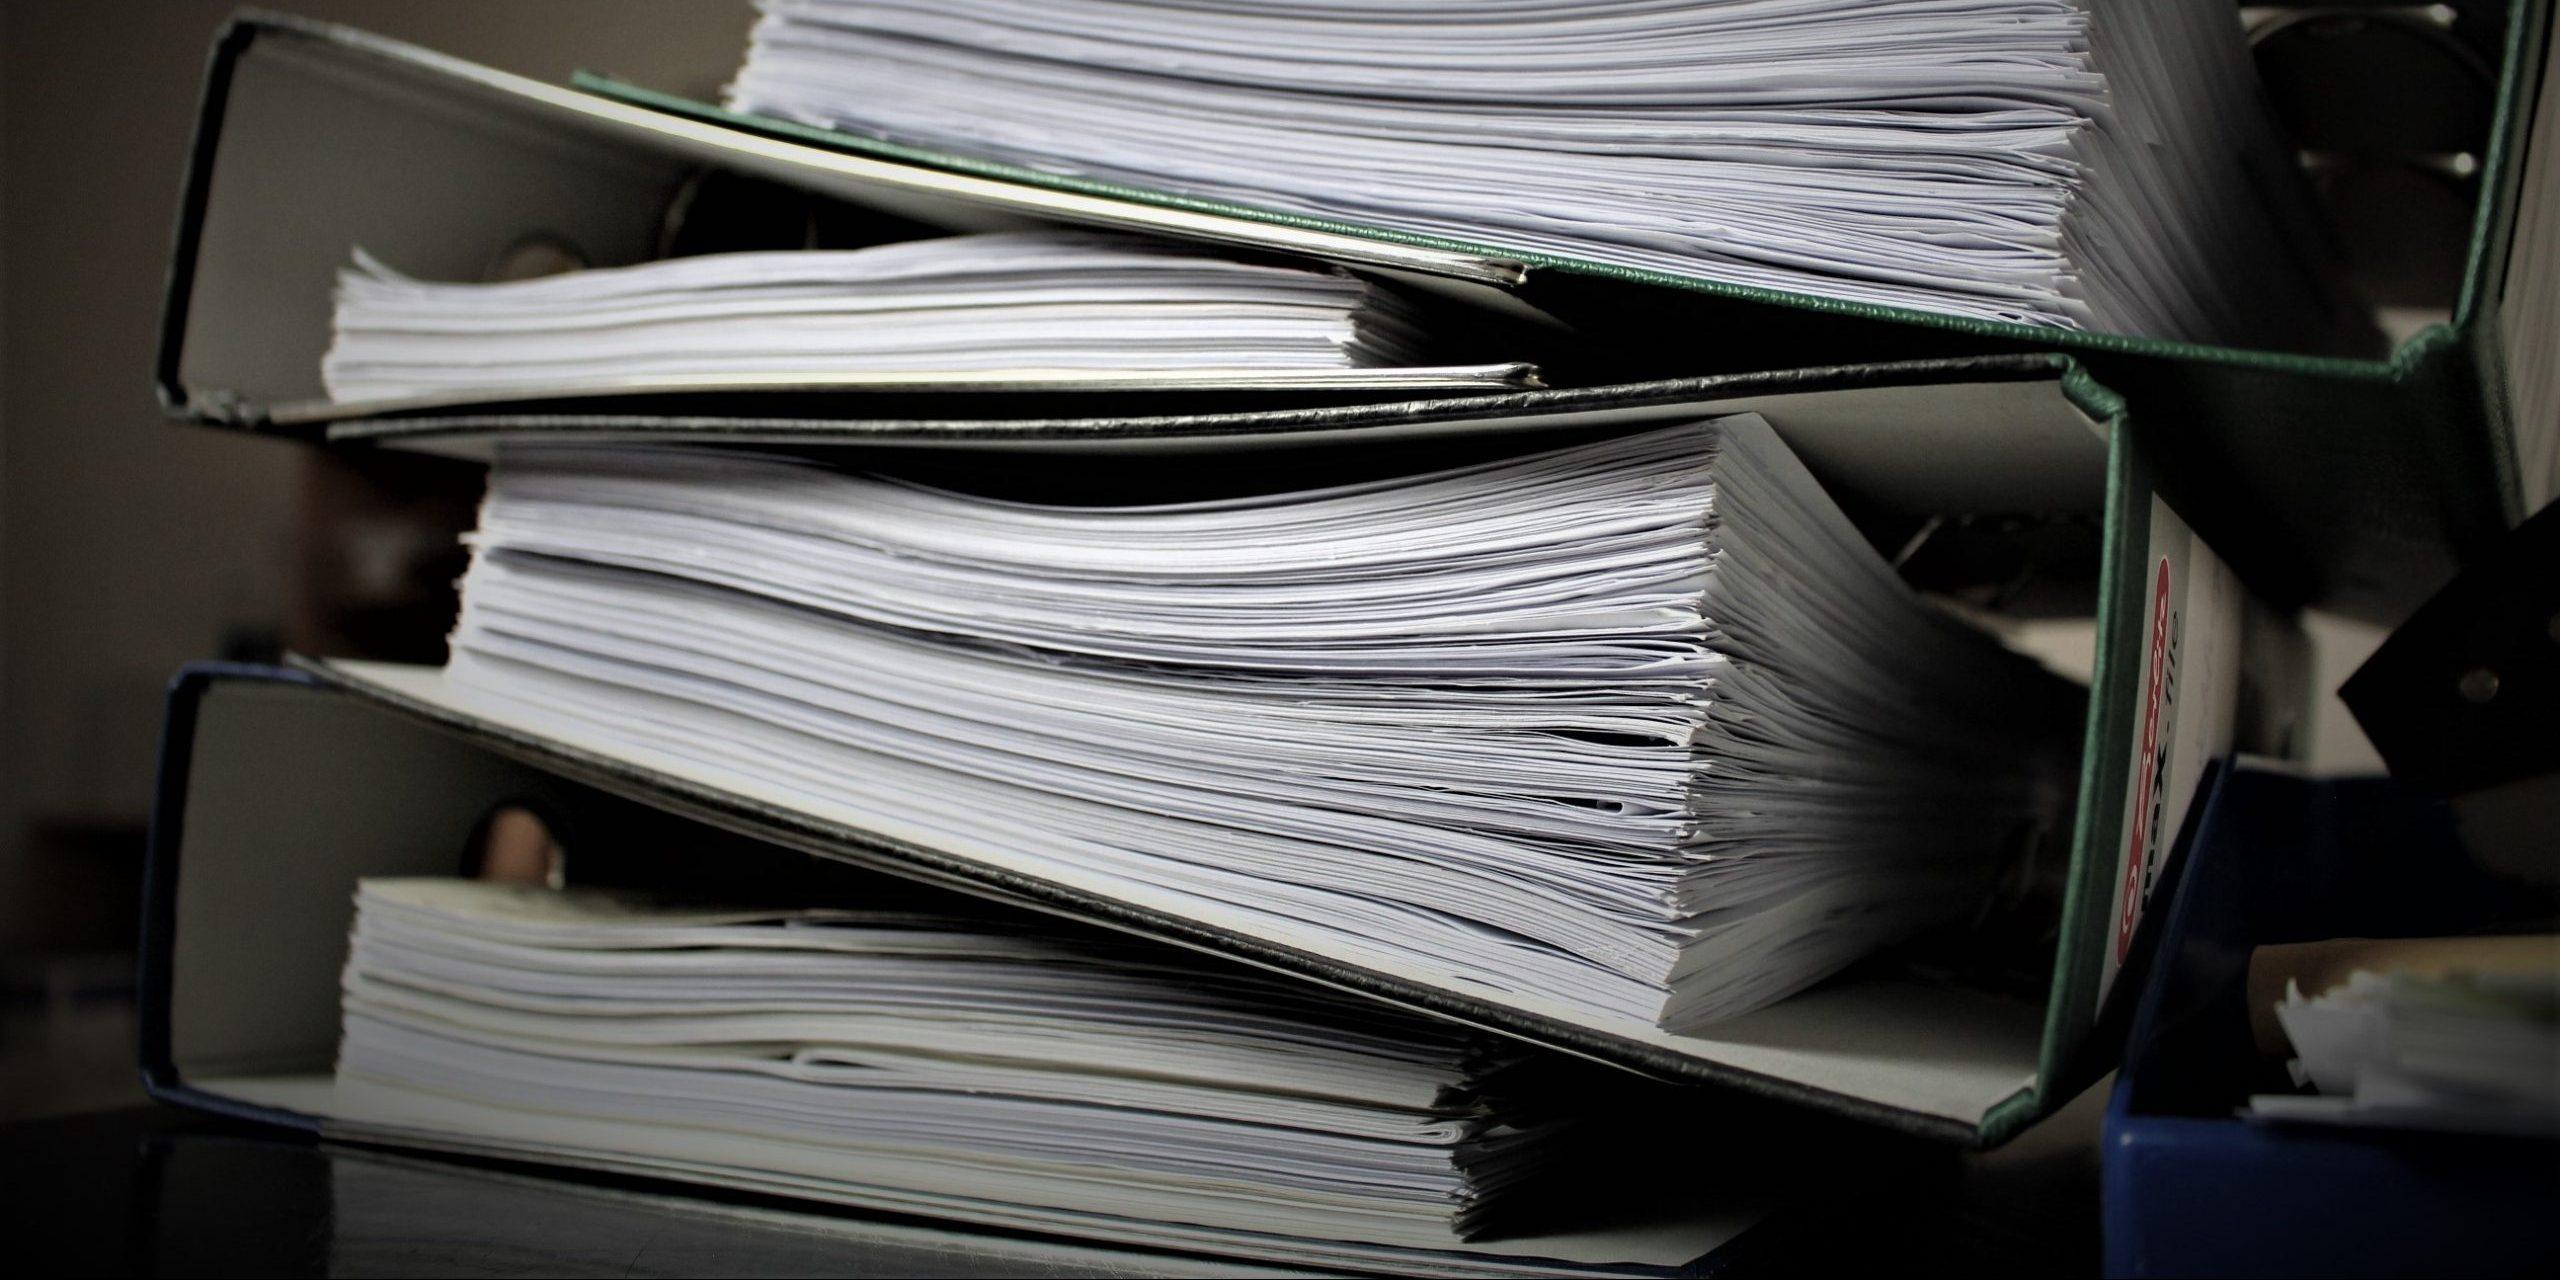 Bí kíp lưu trữ tài liệu vĩnh viễn không sợ mất chỉ cần làm một lần!